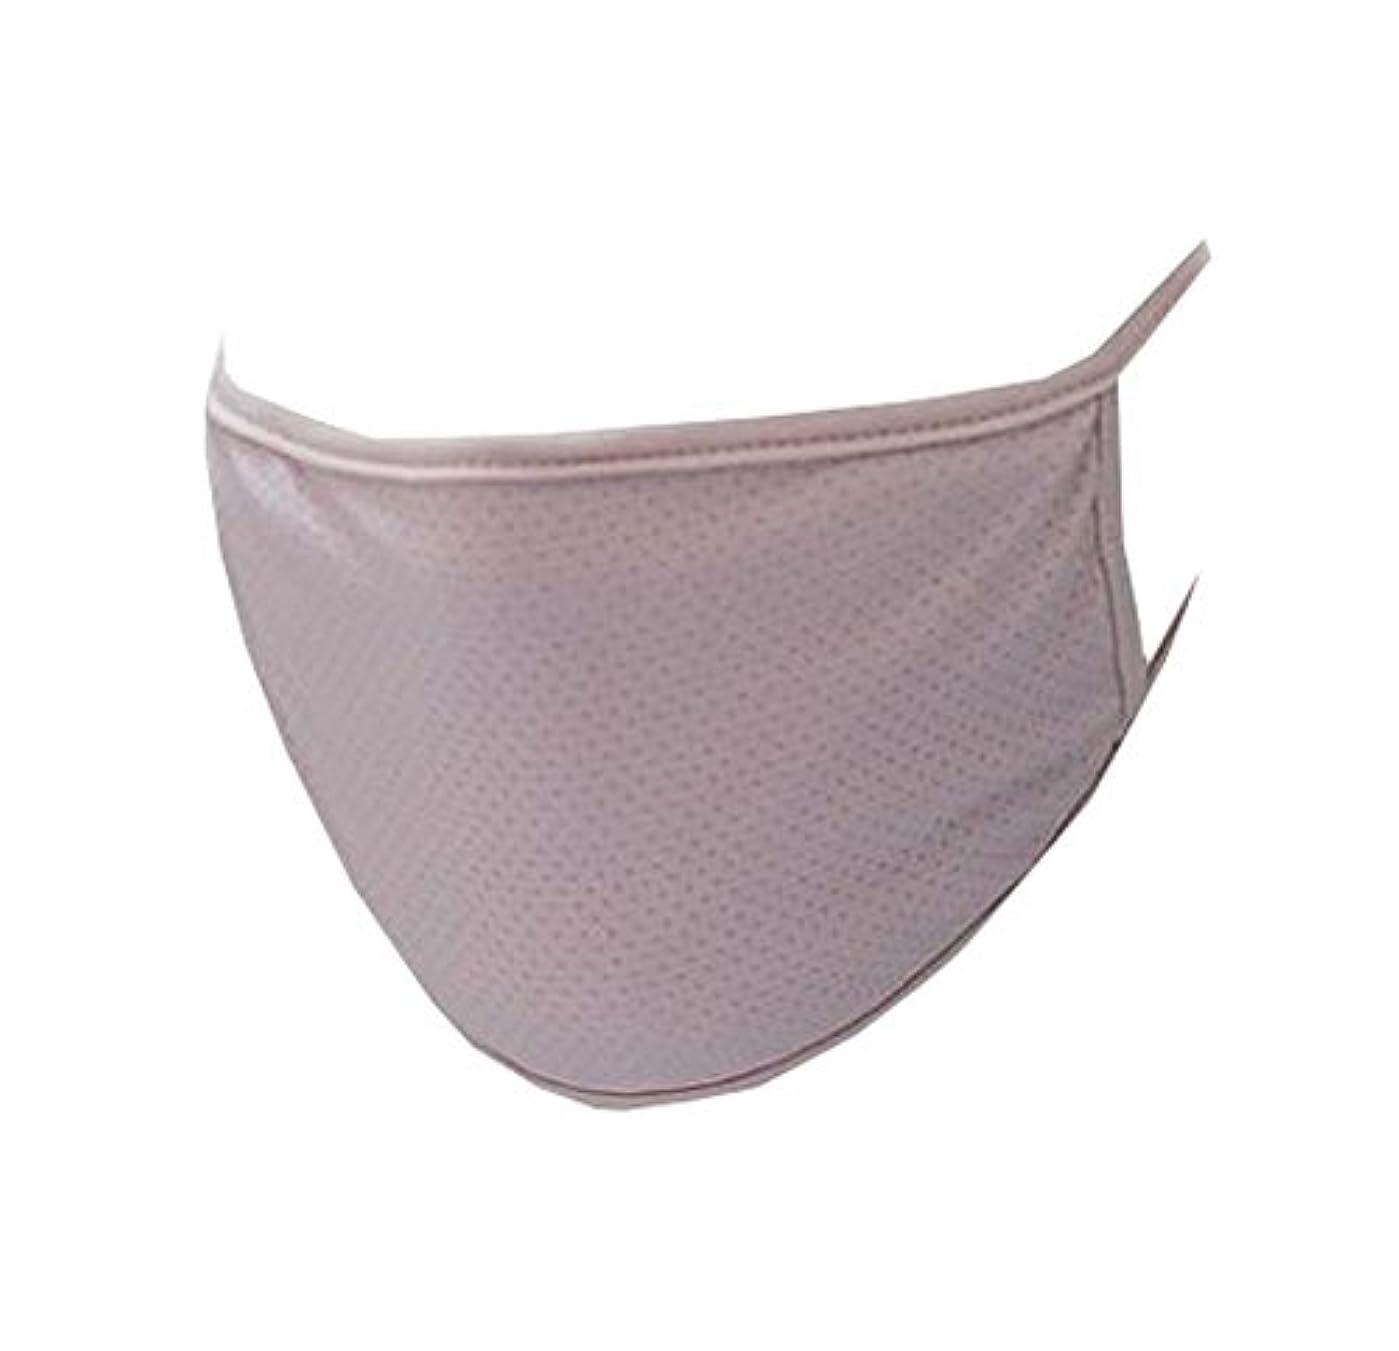 自動的に潮作家口マスク、再使用可能フィルター - 埃、花粉、アレルゲン、抗UV、およびインフルエンザ菌 - F